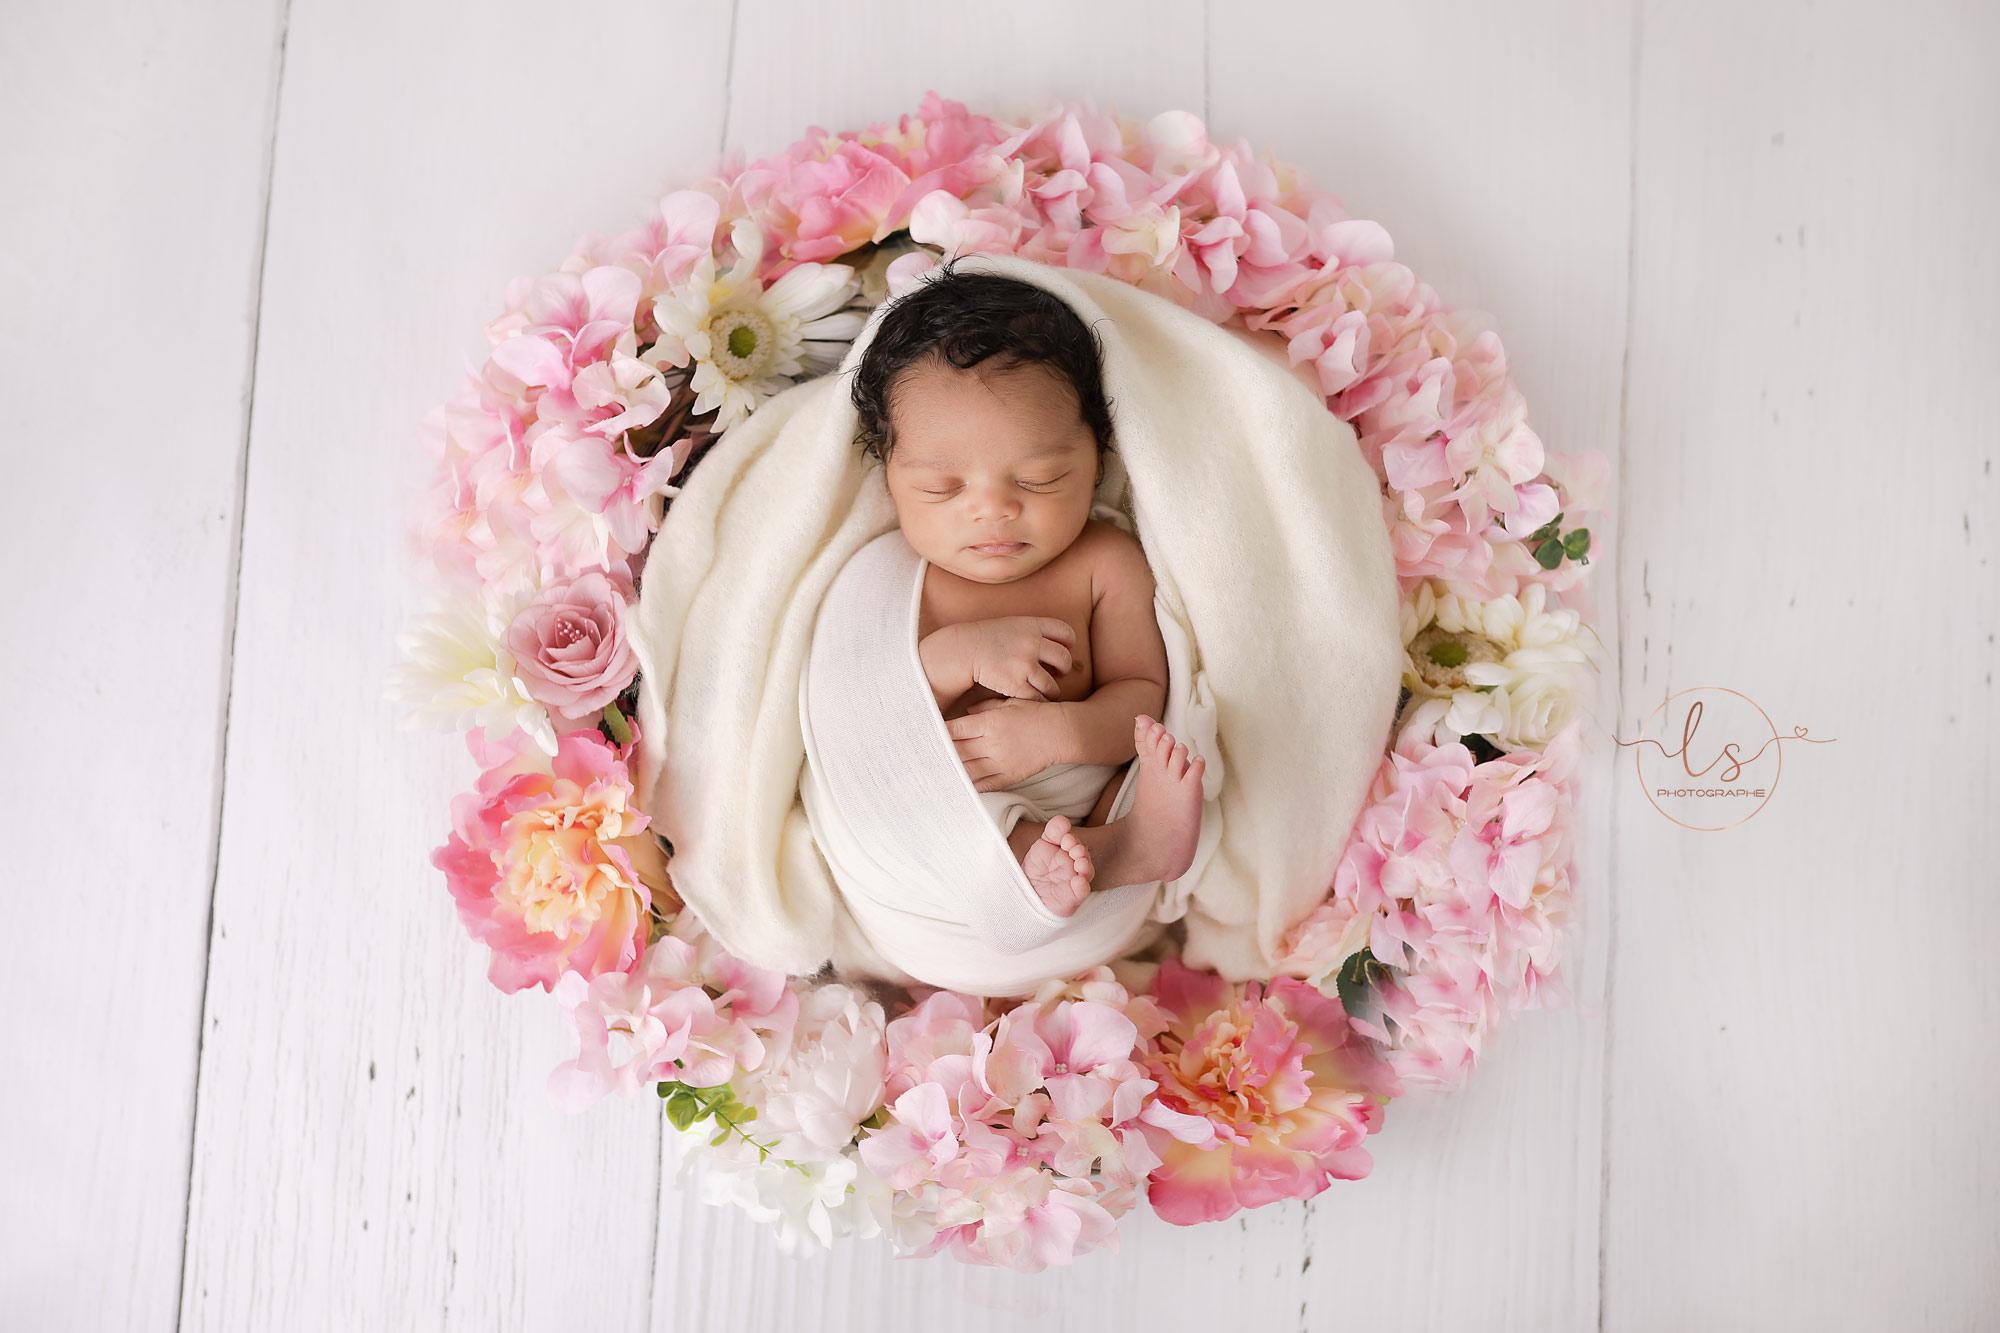 photographe nouveau-né naissance belgique studio